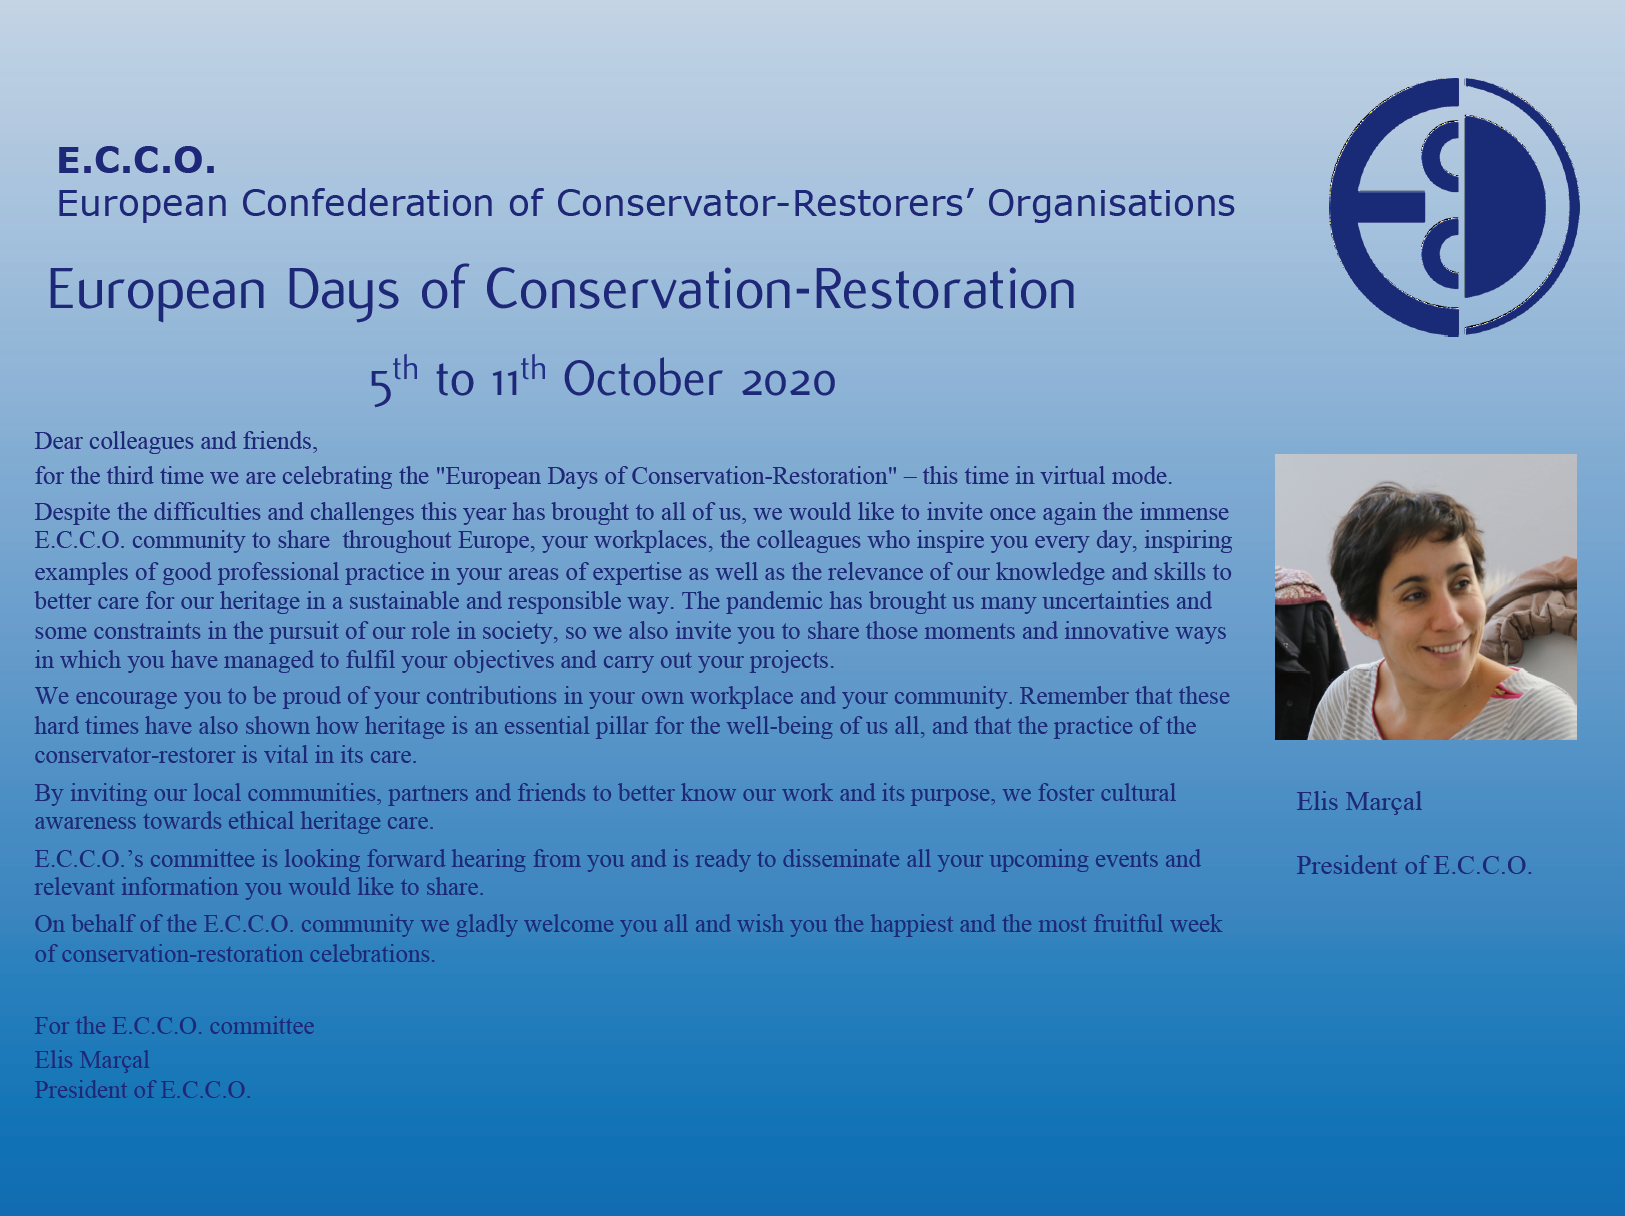 Európske dni konzervovania a reštaurovania 2020